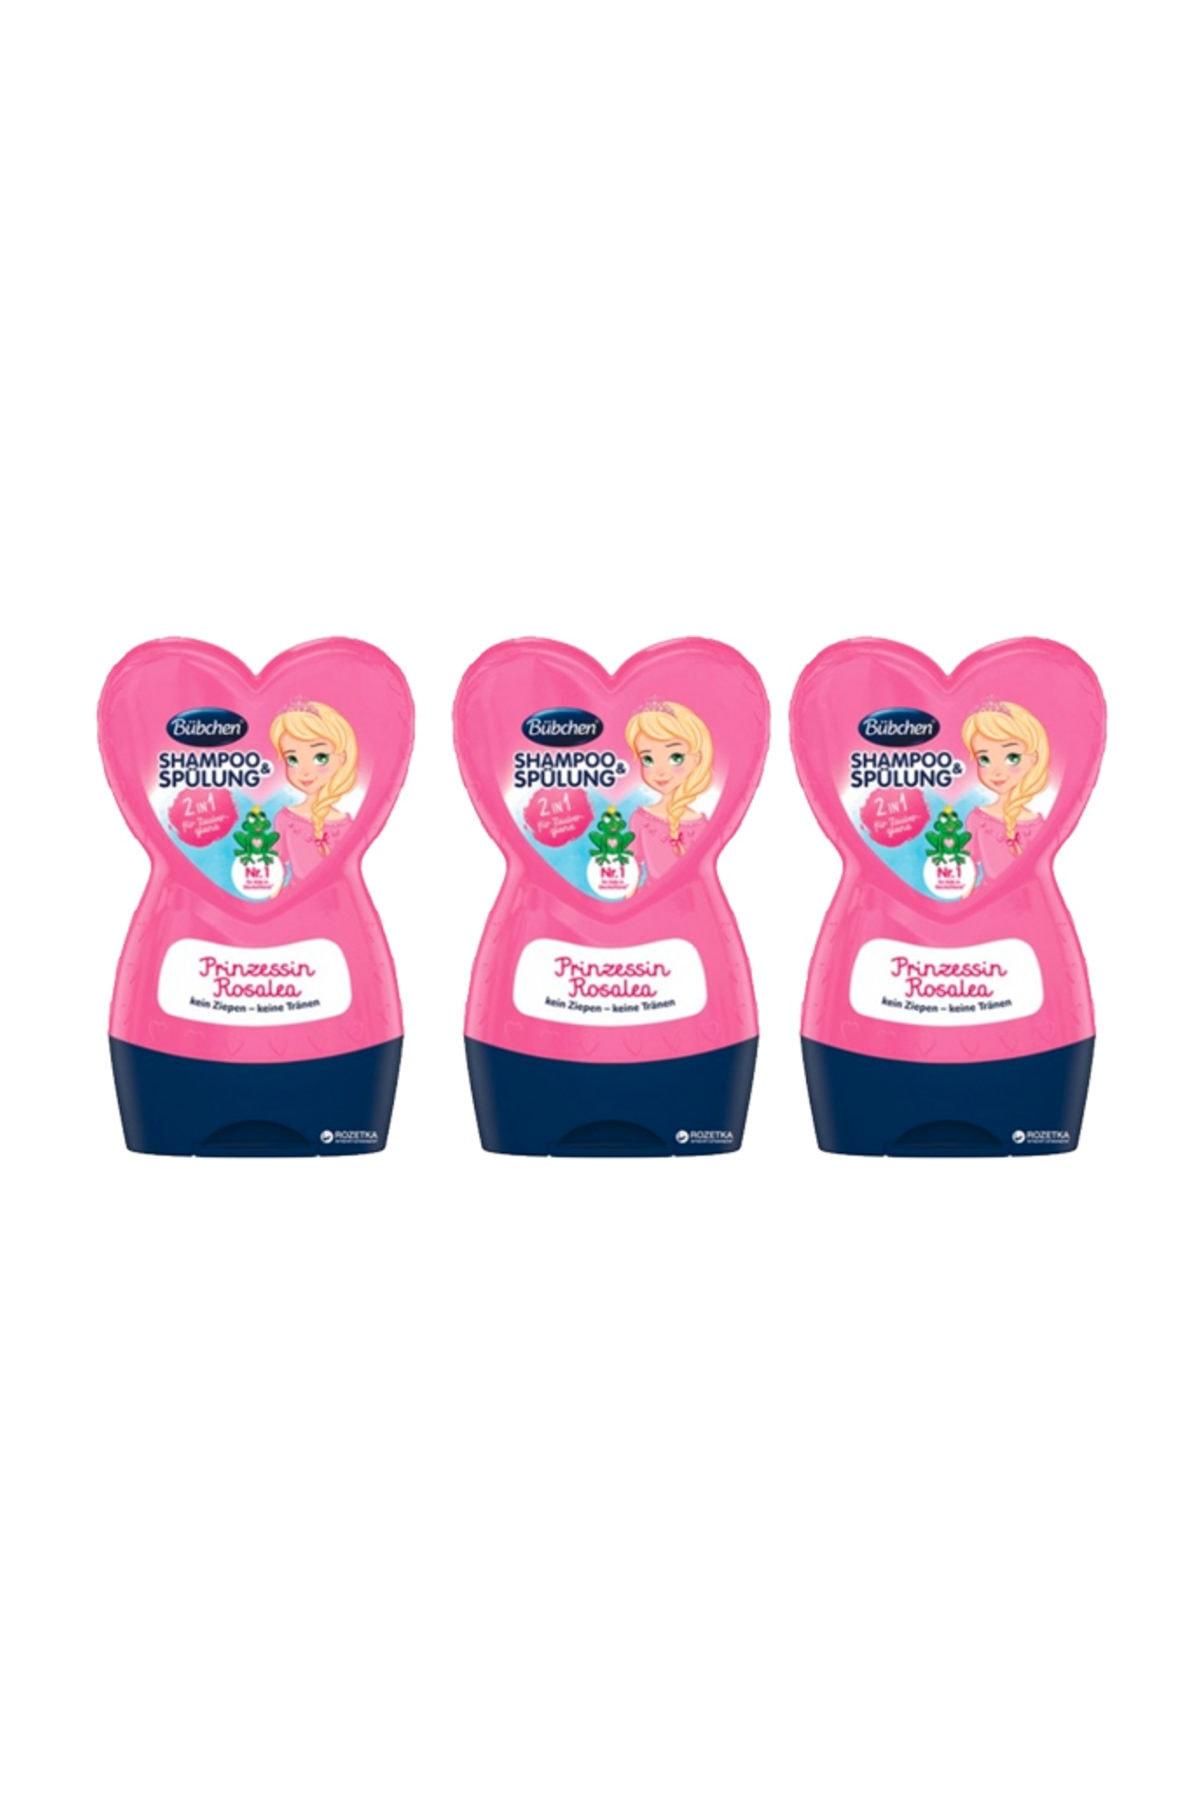 Bübchen Prenses Rosalea Çocuk Şampuanı + Balsam 230 Ml X 3 Adet 1